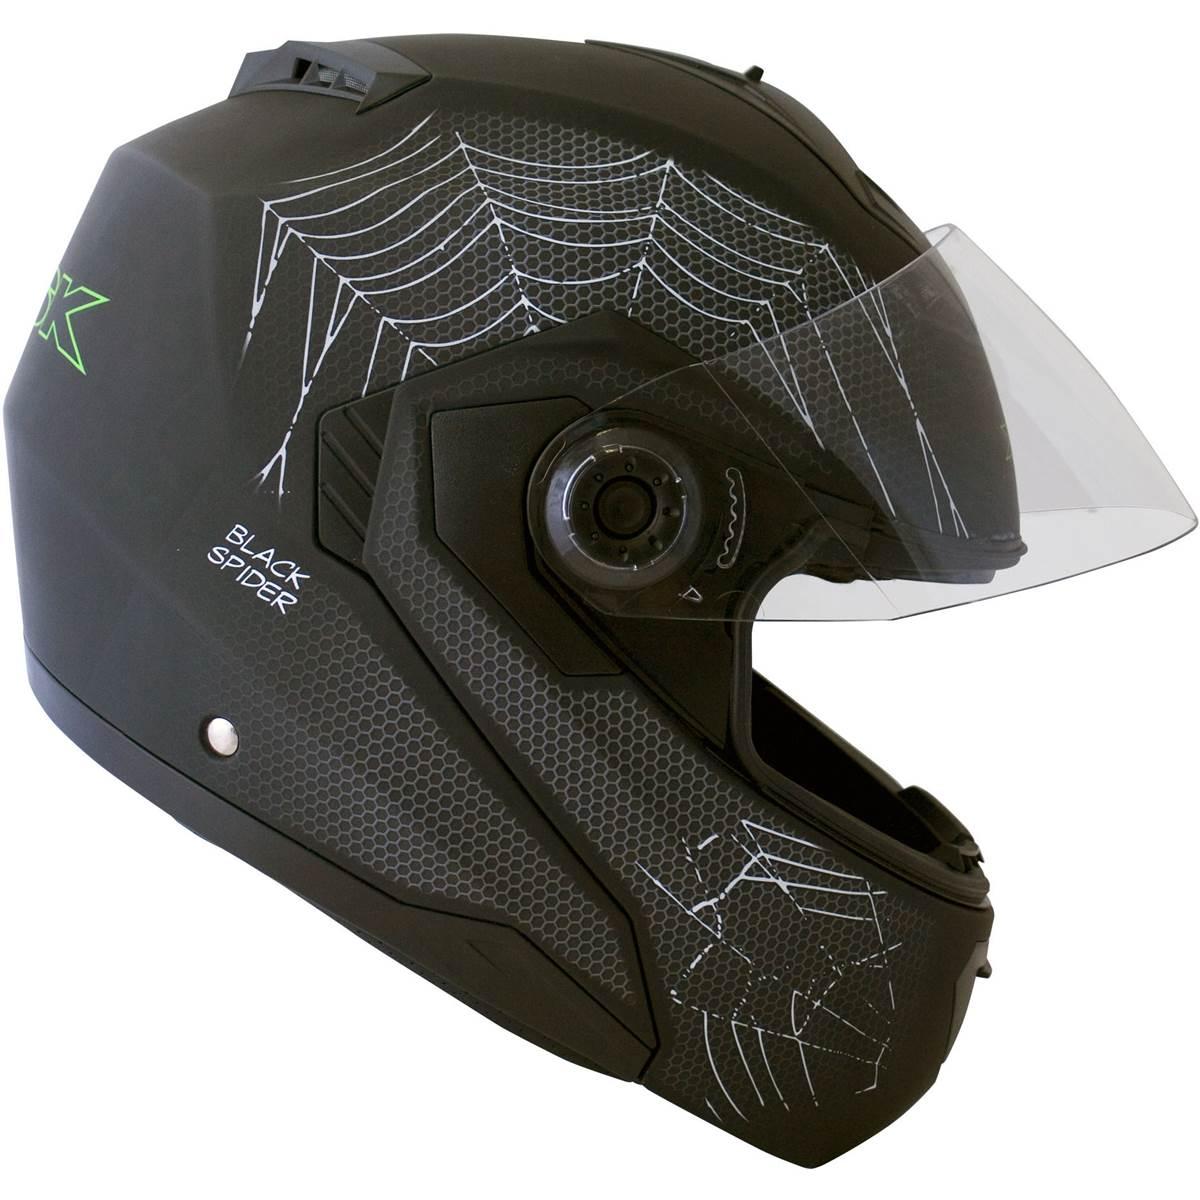 casque moto a cora votre site sp cialis dans les accessoires automobiles. Black Bedroom Furniture Sets. Home Design Ideas